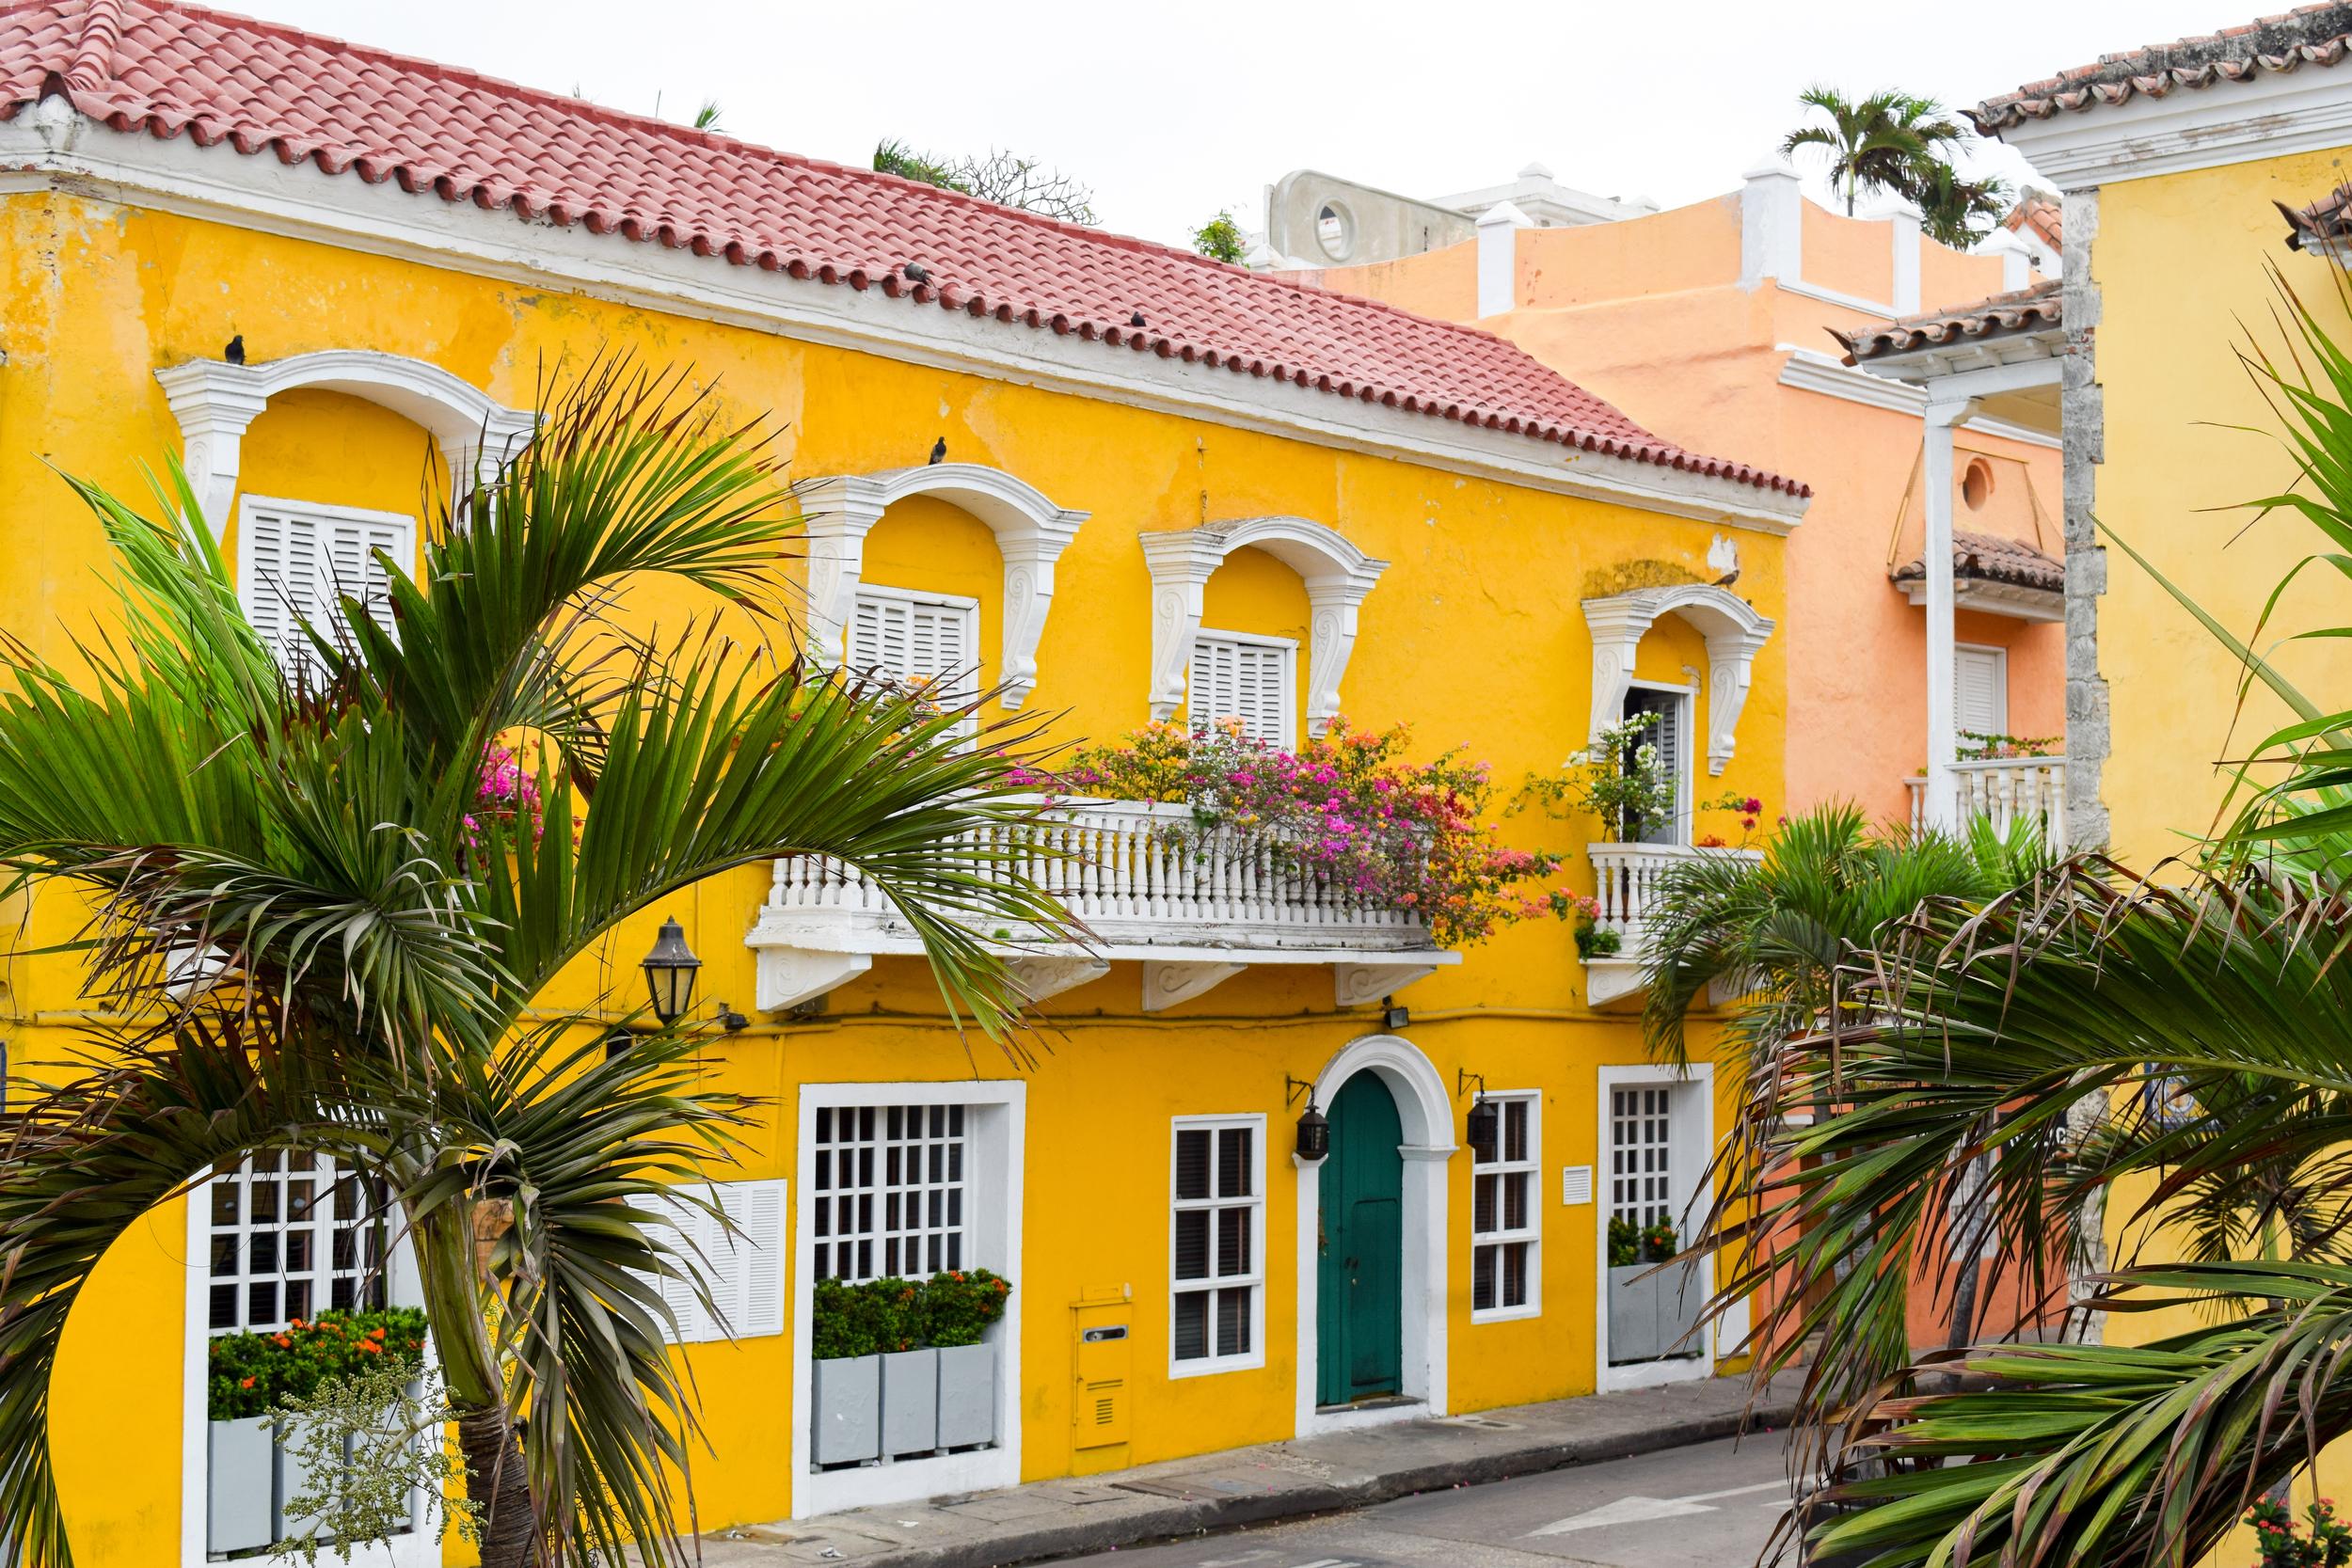 Colonial building in Cartagena